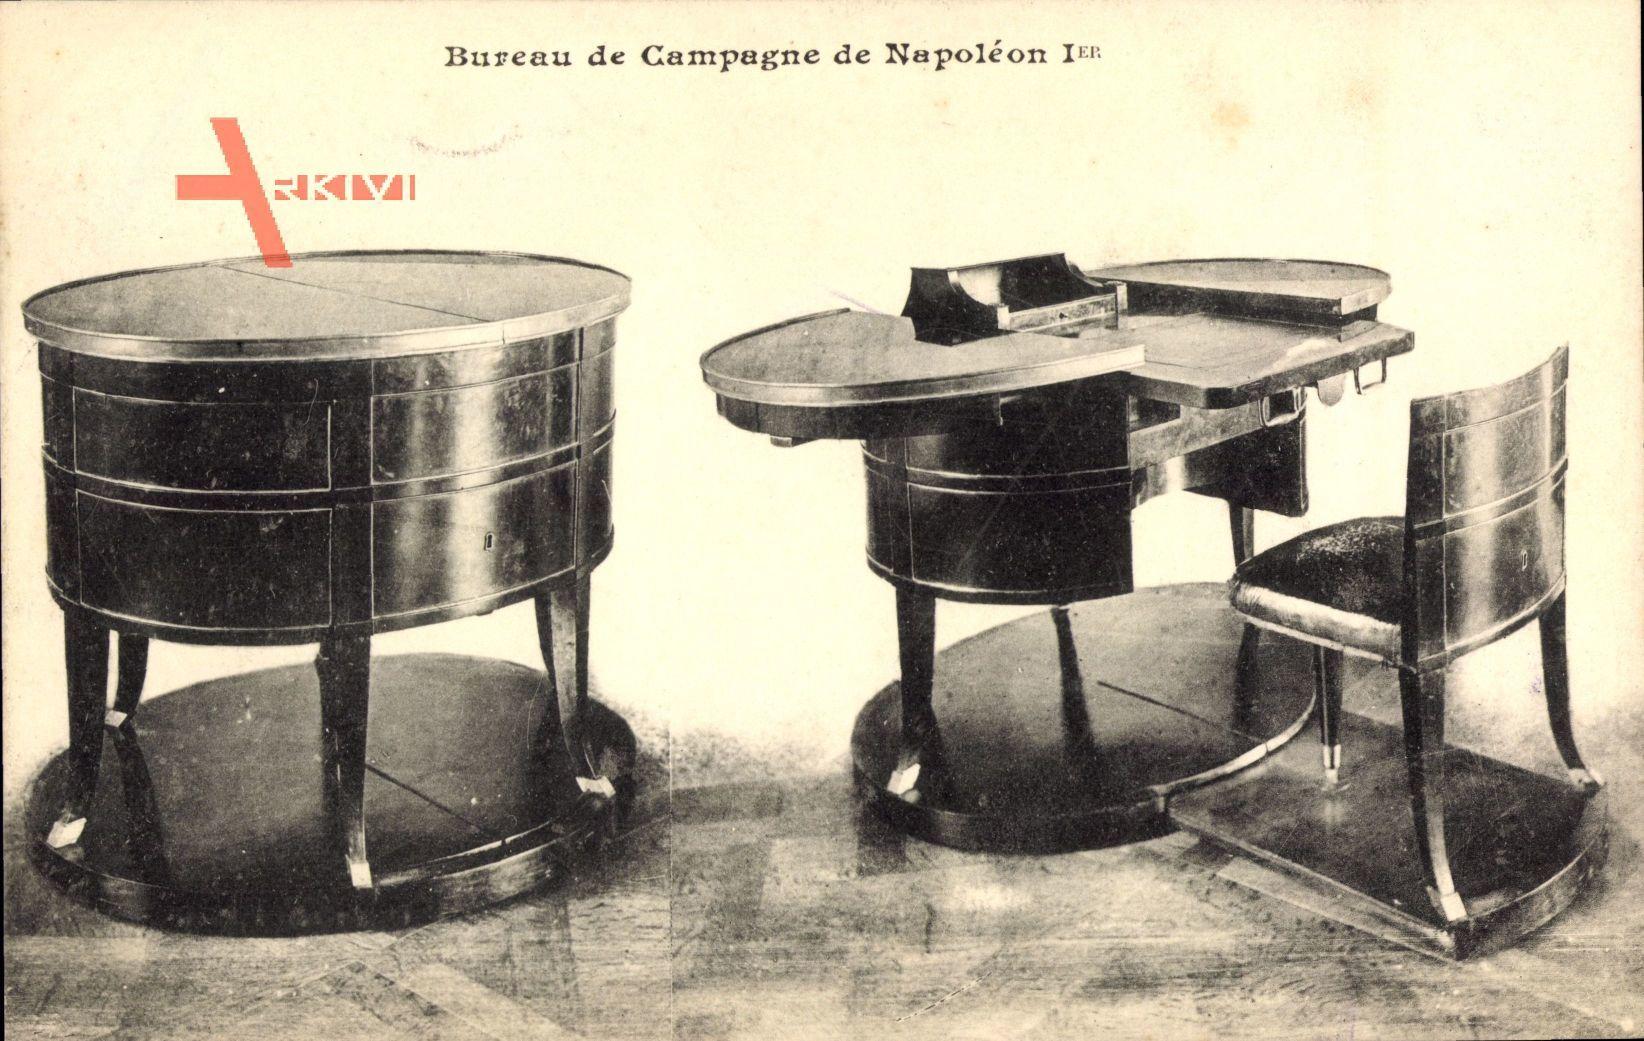 Bureau de Campagne de Napoleon Ier., Ausklappbarer Schreibtisch